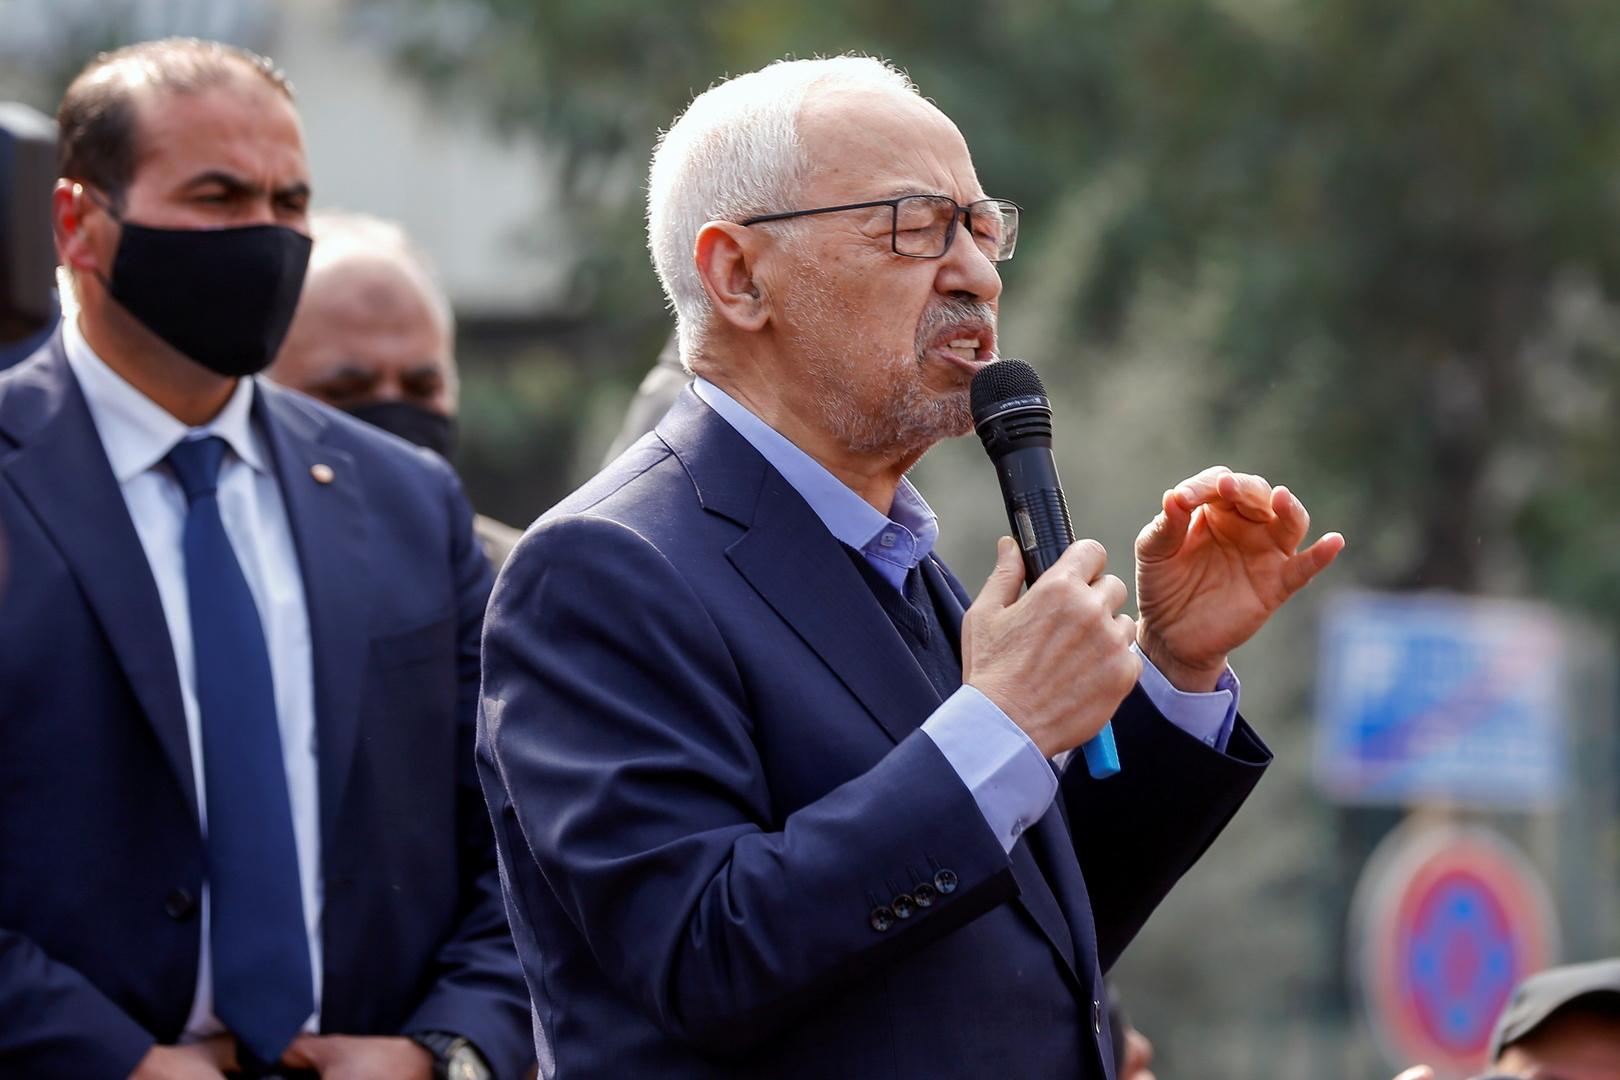 الغنوشي: تونس تعيش على وقع حرب كلامية ويجب الحذر من ذلك